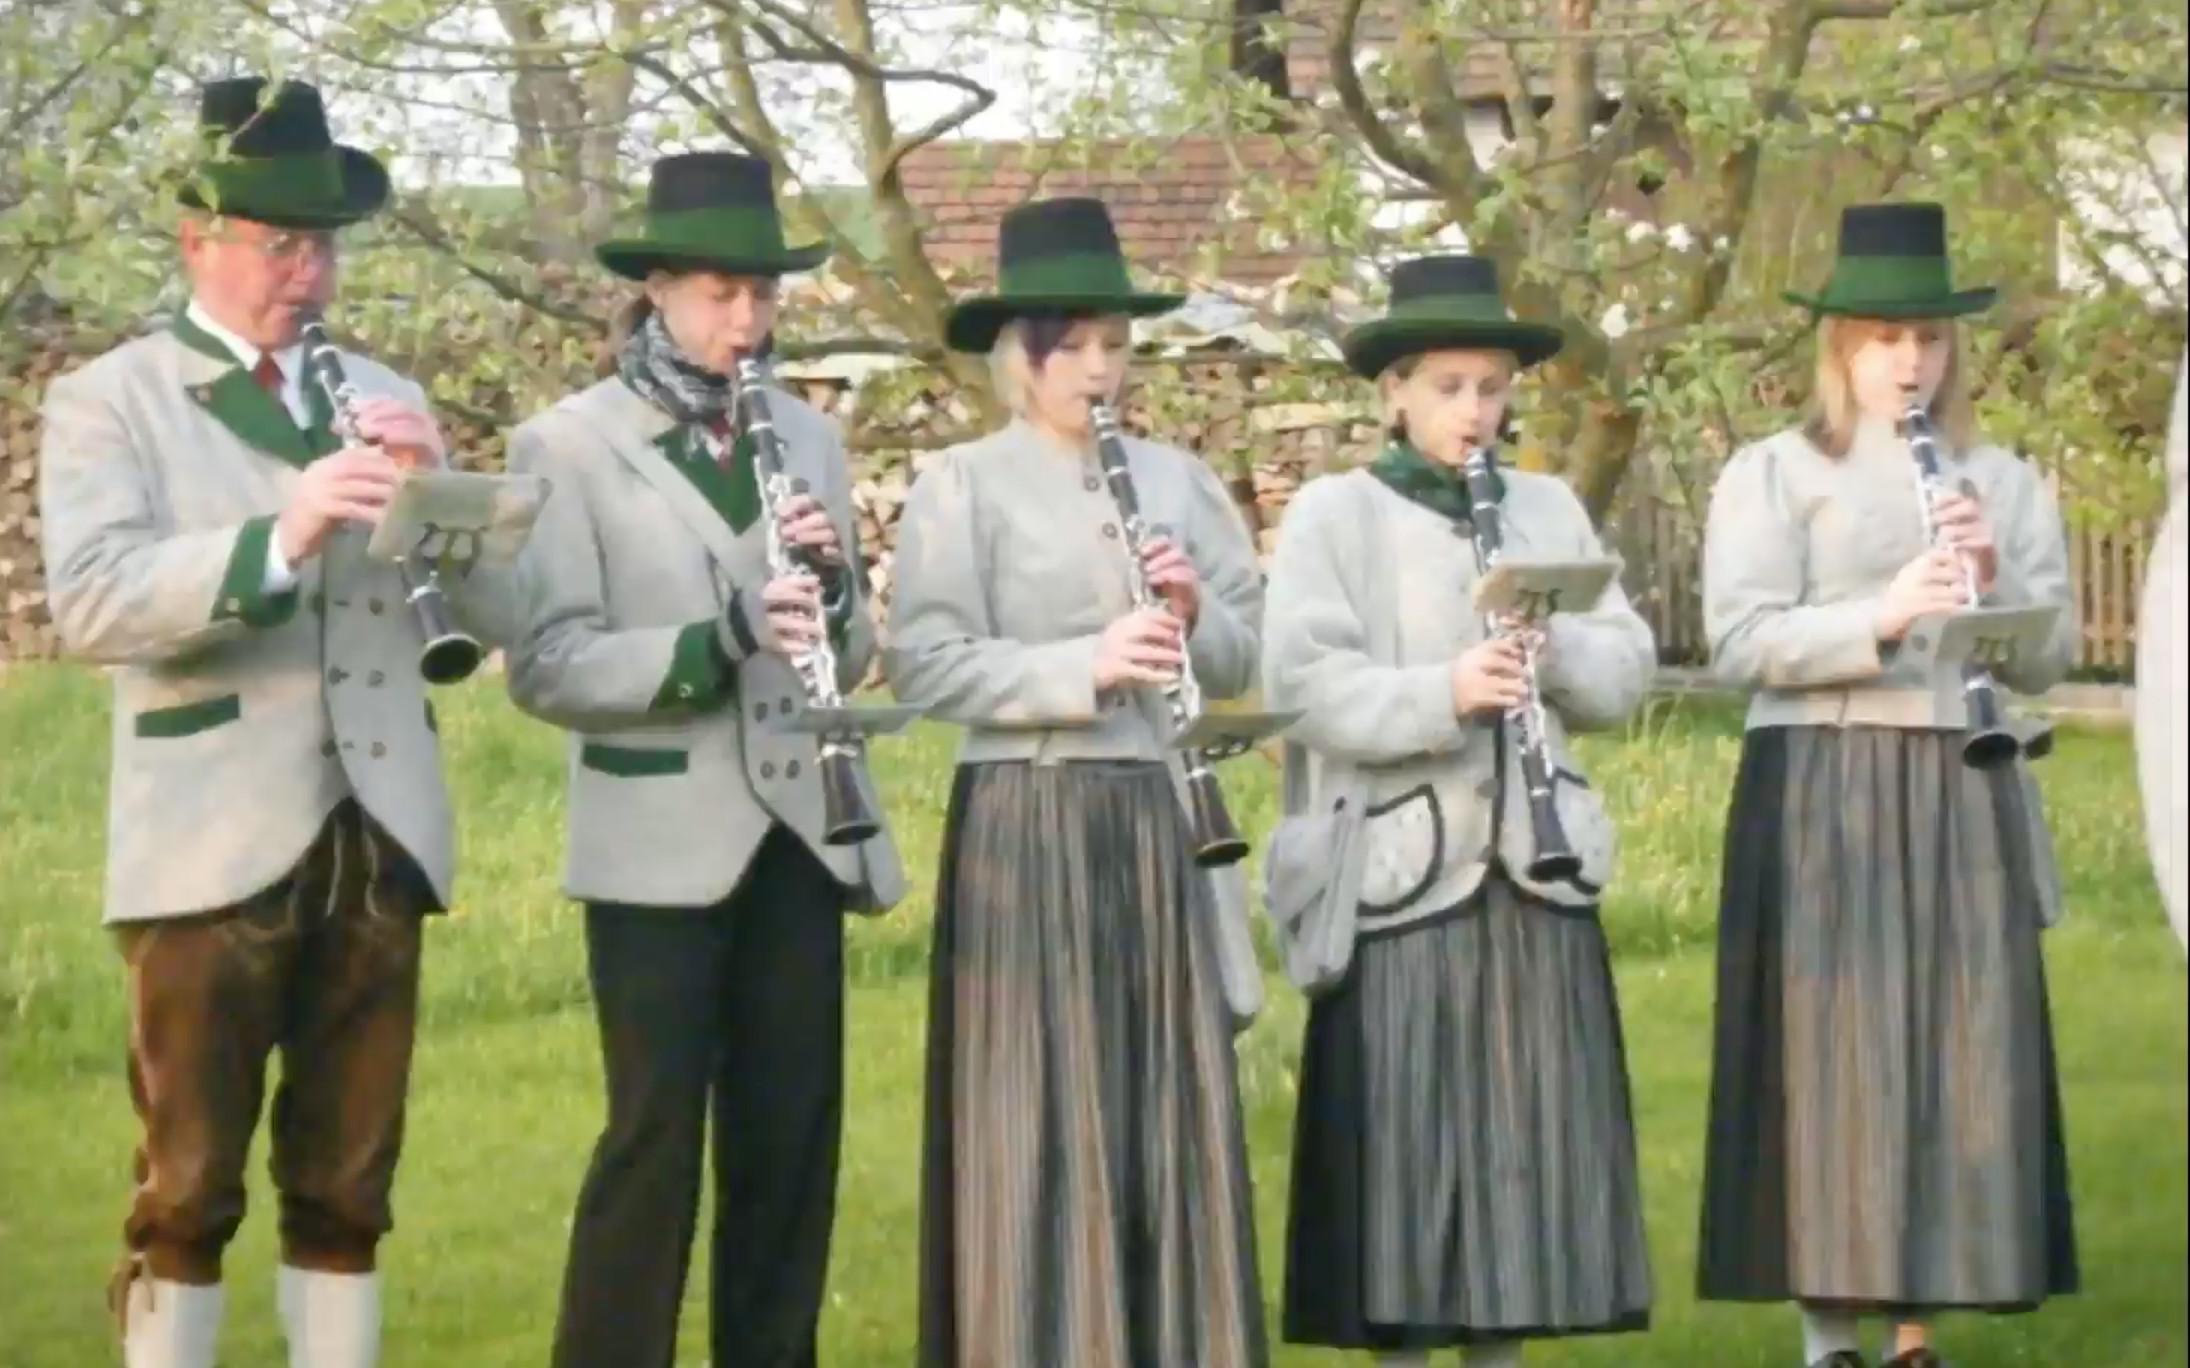 Der Musikverein Arzberg spielt den 9er Alpenjäger Marsch – die steirische Landeshymne!